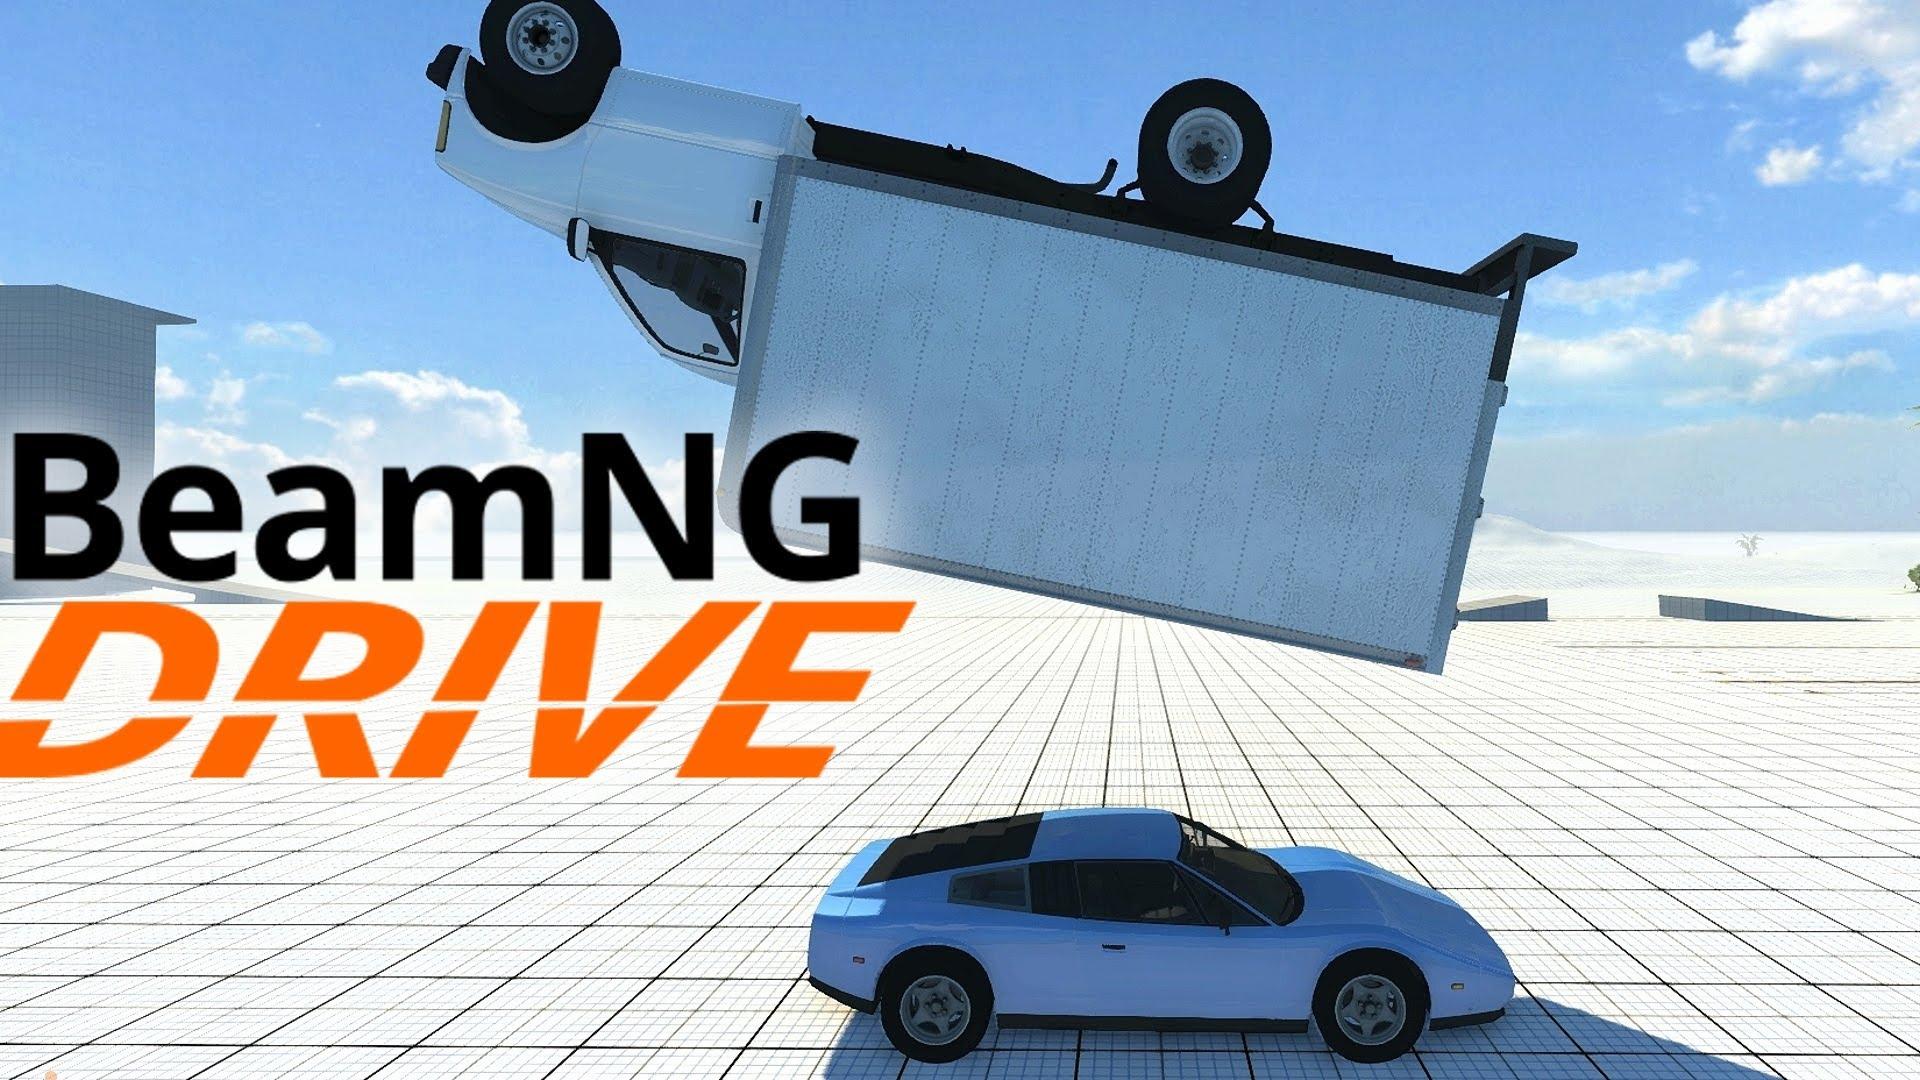 BEAMNG DRIVE GRATUIT STARTIMES TÉLÉCHARGER PC